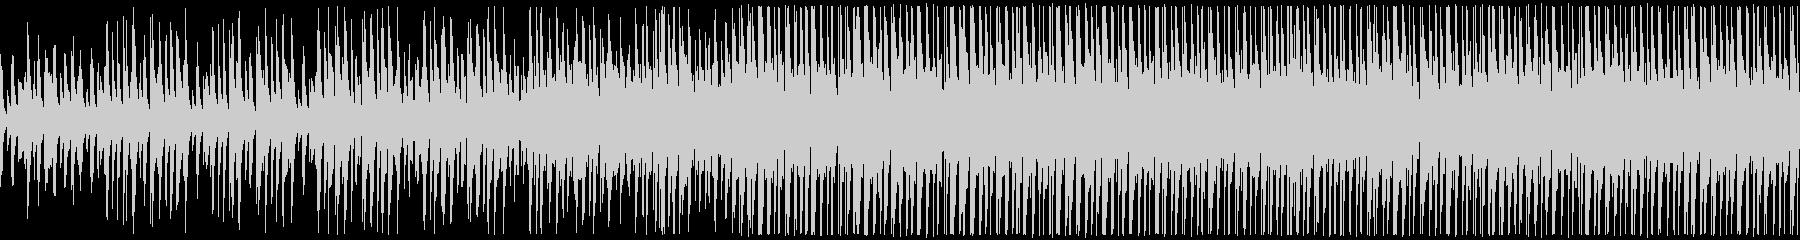 【ベース抜き】明るいほのぼのアンサンブ…の未再生の波形